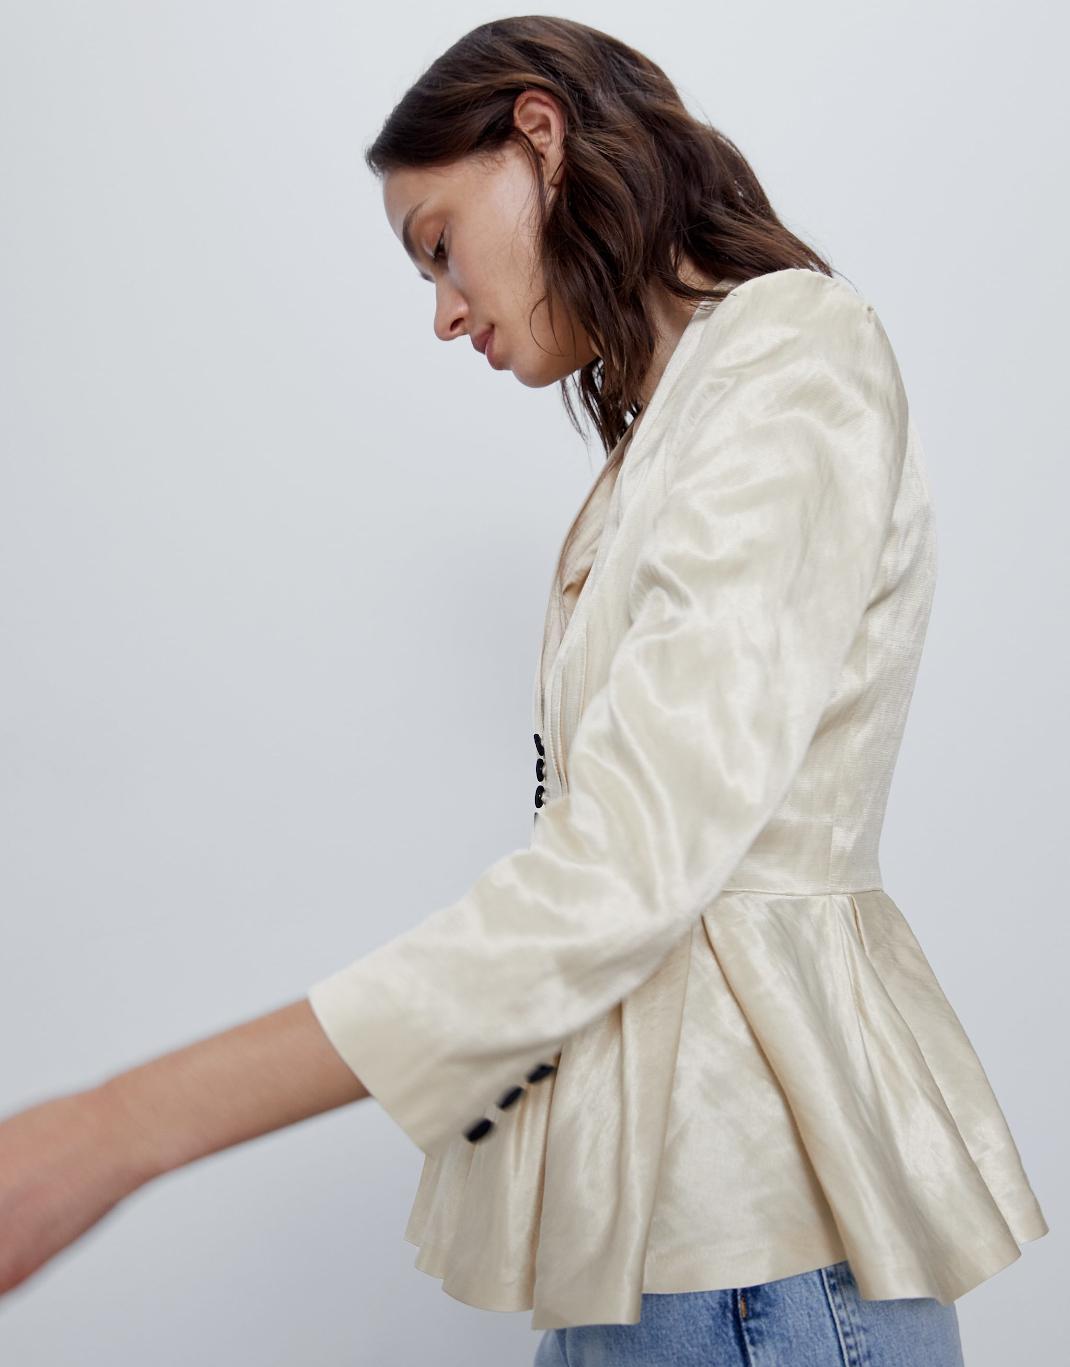 γυναίκα με σακάκι zara